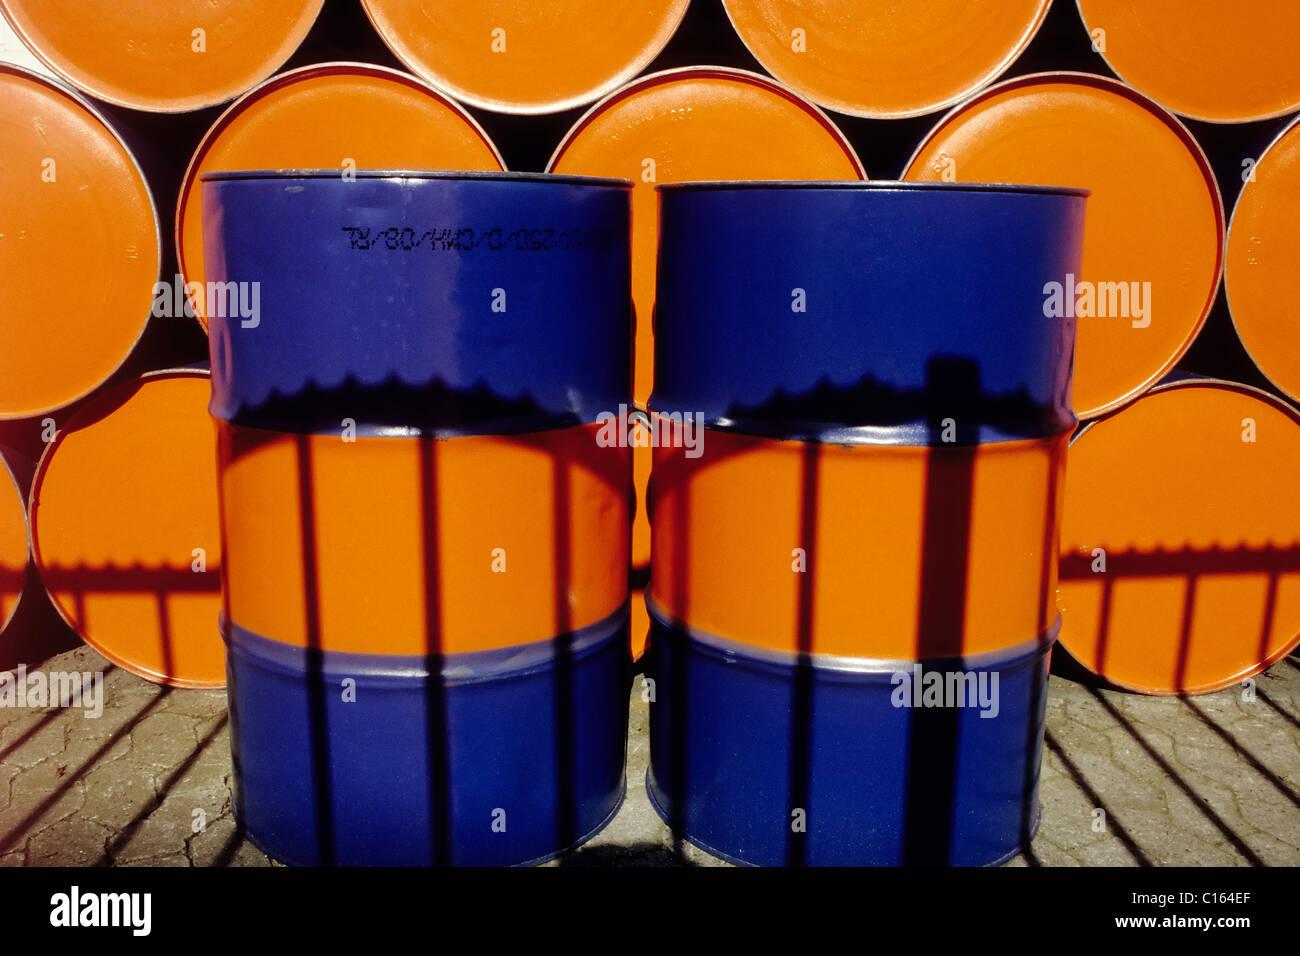 Dos bidones de aceite vertical pintado de dos colores de pie en frente de una fila de tambores de aceite apiladas Imagen De Stock